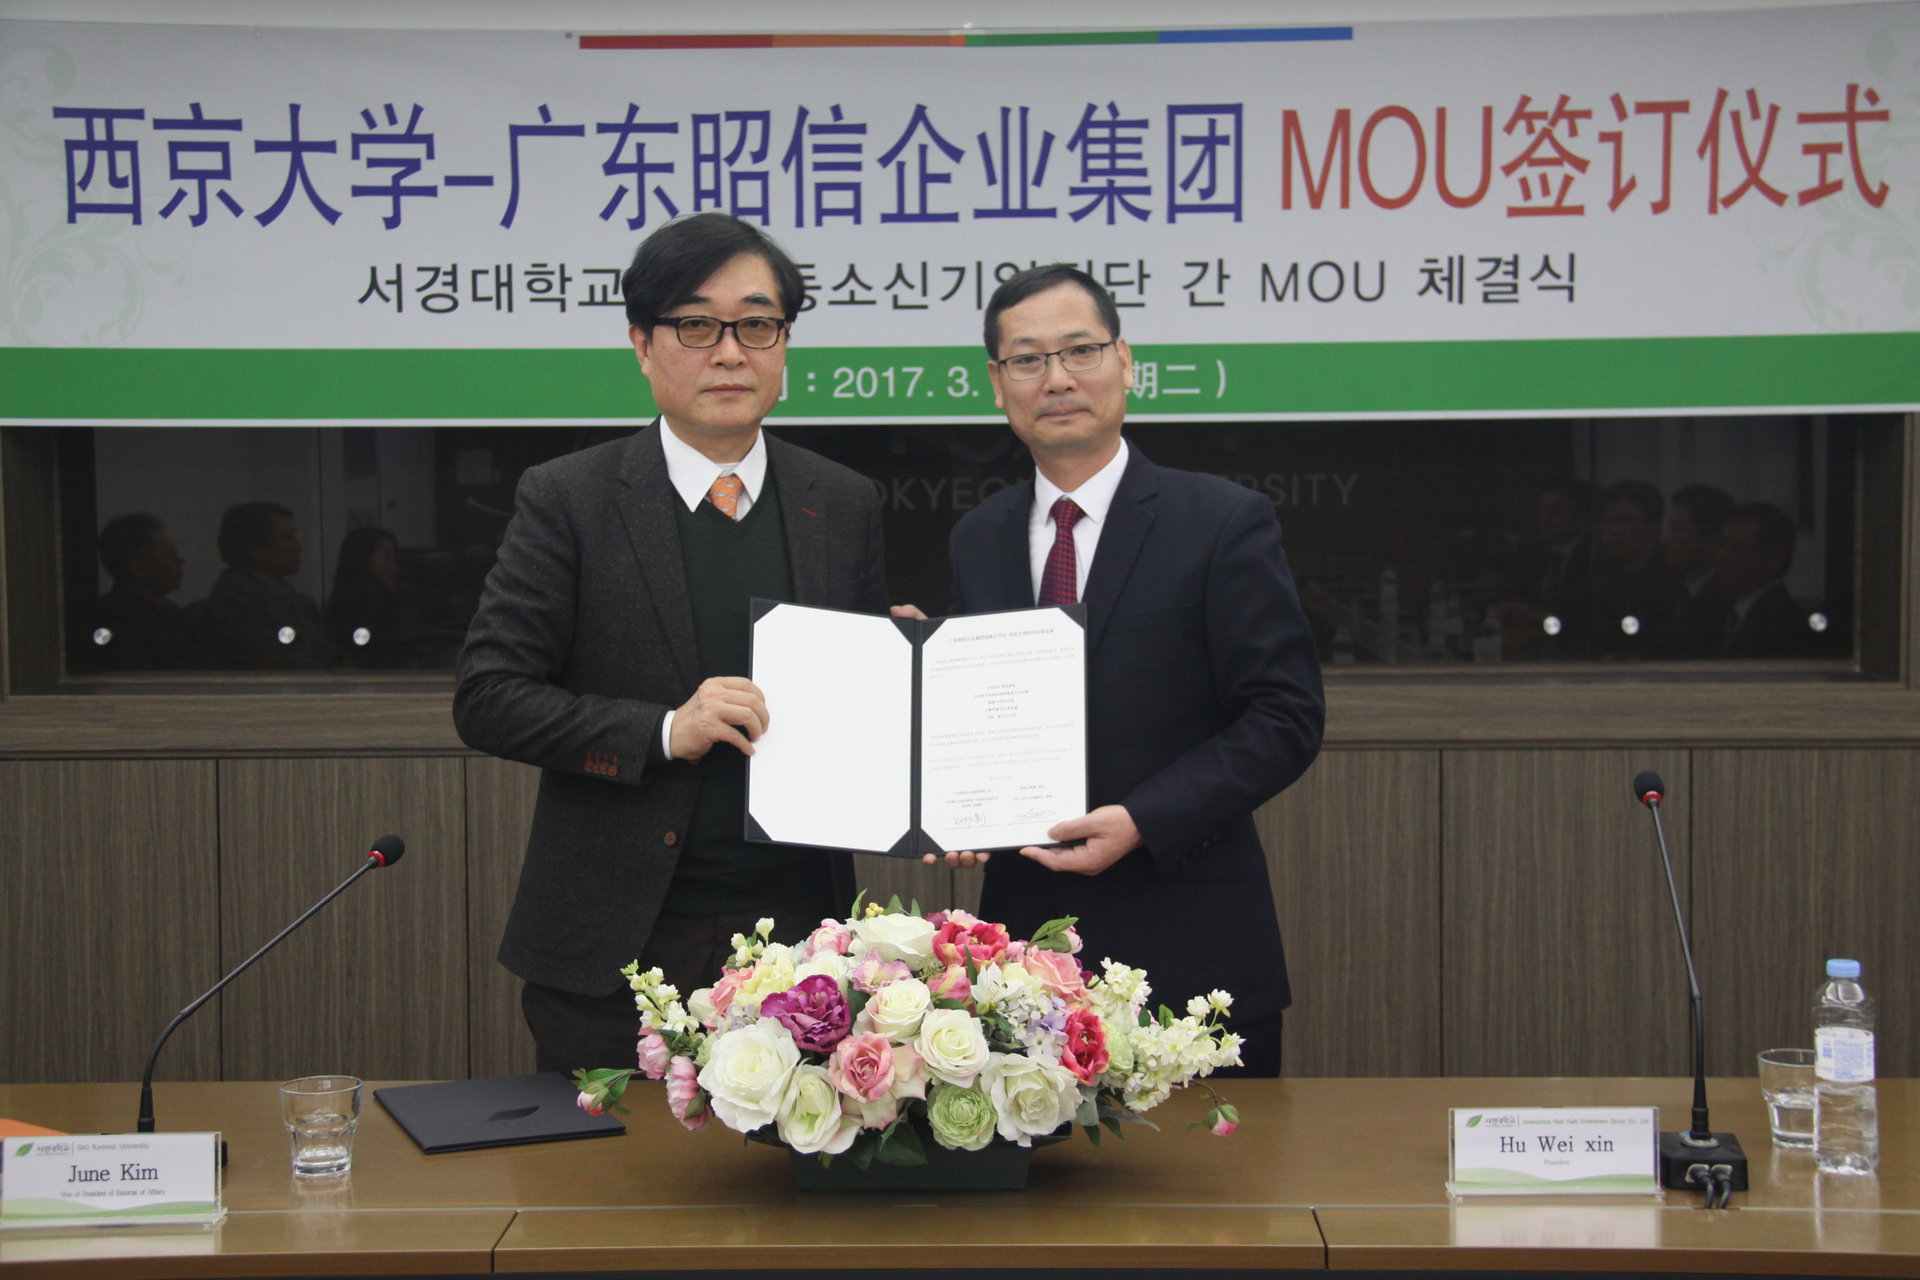 서경대 김준부총장(좌), 광동소신기업집단 후웨이신대표(우).JPG